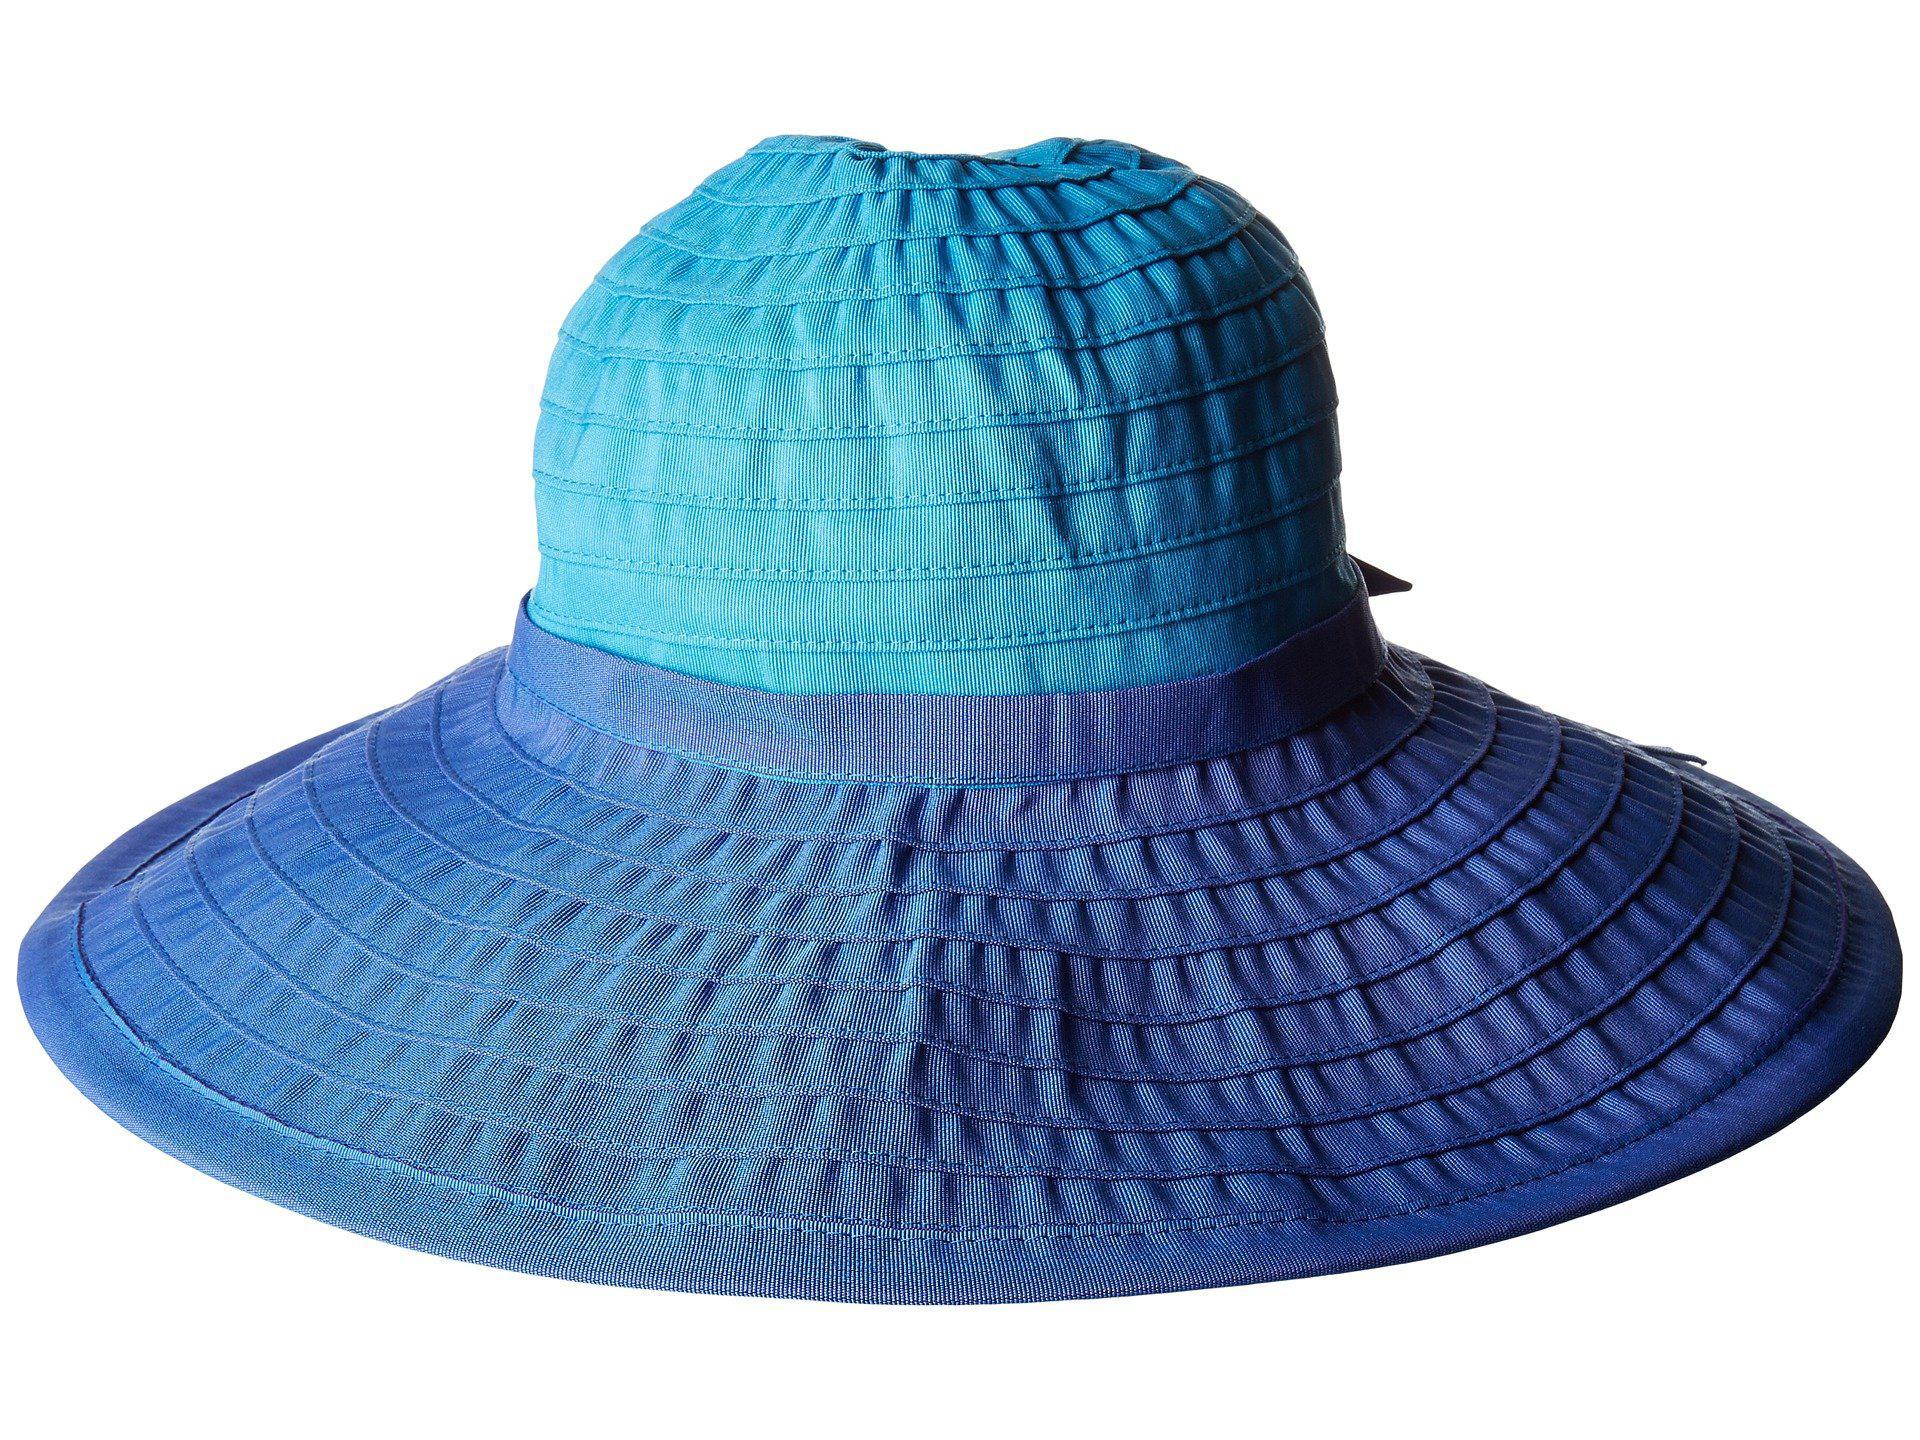 8a235c9366377 Lyst - San Diego Hat Company Rbl299os Ribbon Bow Floppy in Blue ...